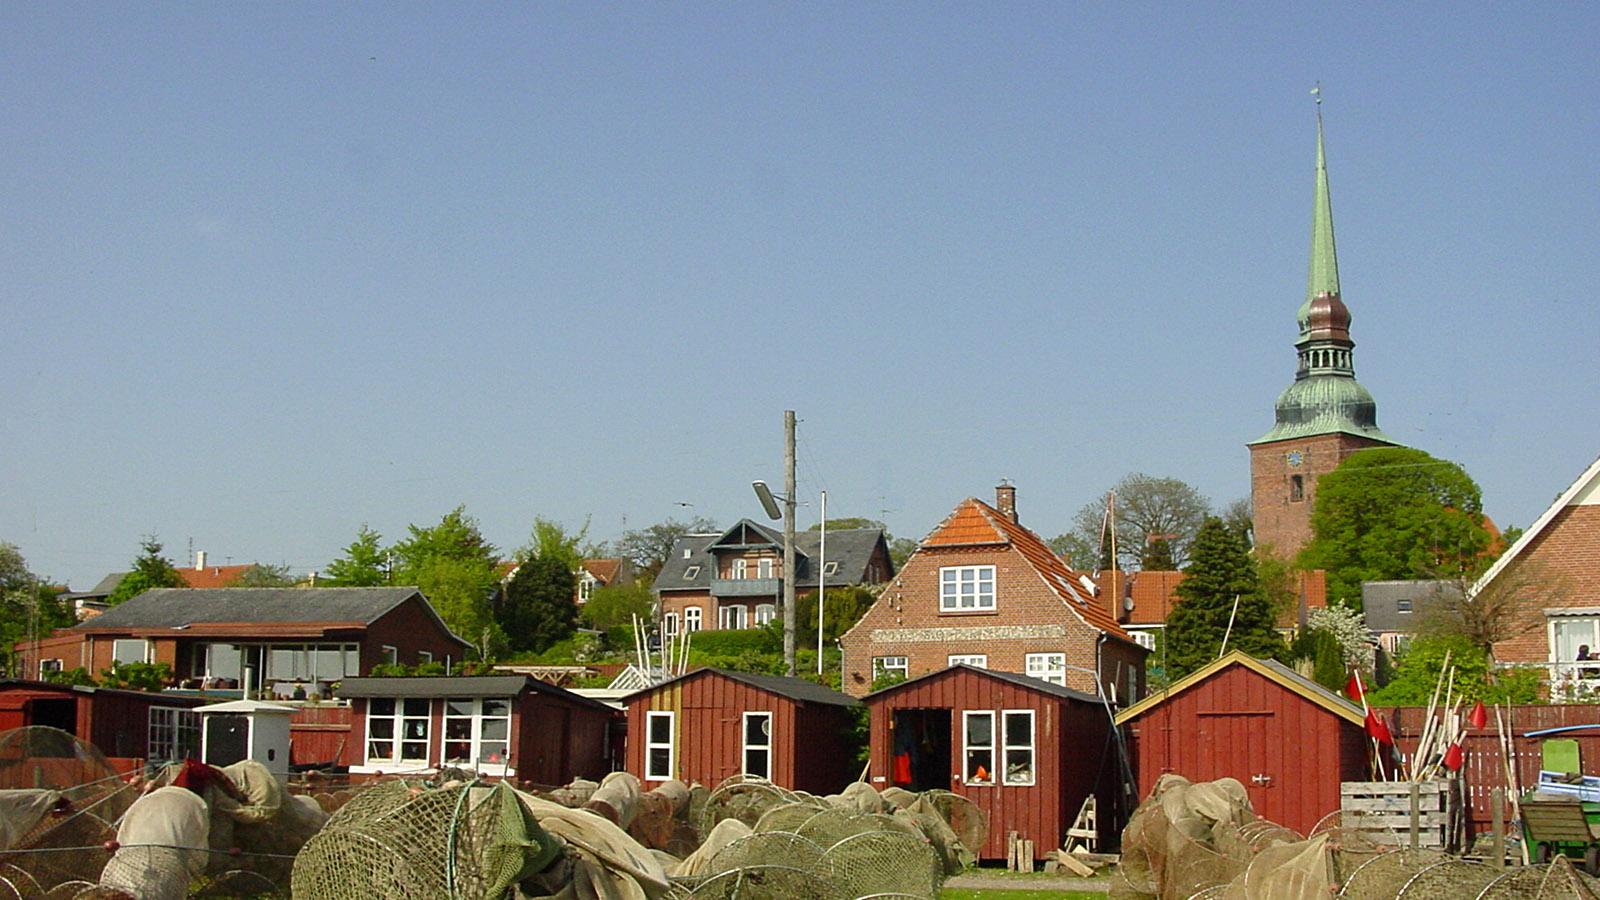 Nystedt: Blick vom Hafen auf die Stadt. Die Fischer trocknen ihre Netze direkt an der Mole. Foto: Hilke Maunder